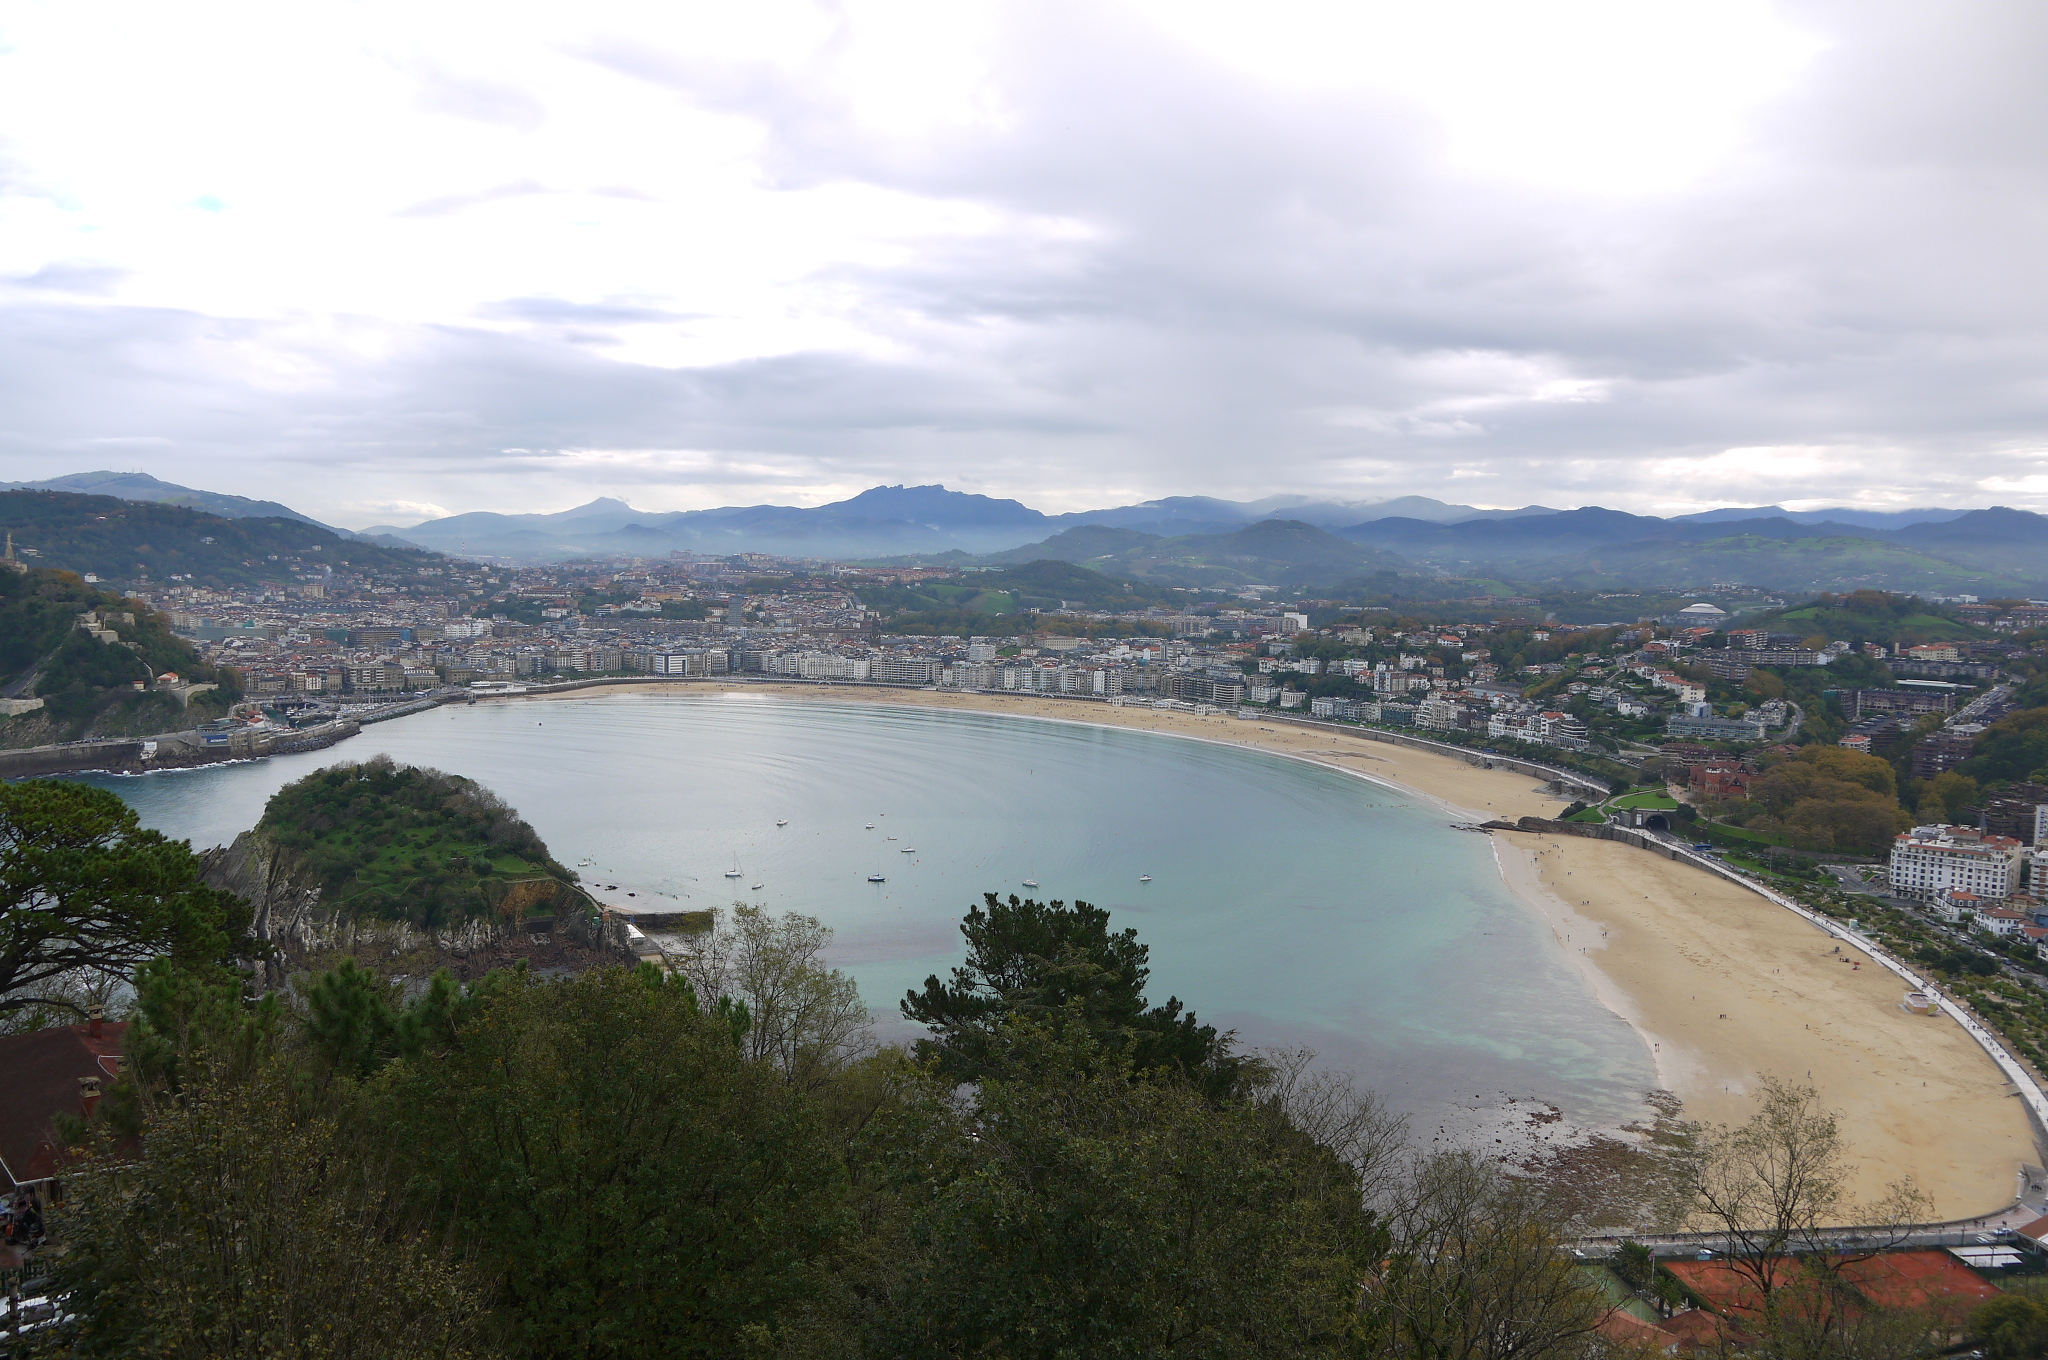 La Concha – Spagna spiagge più belle d'europa